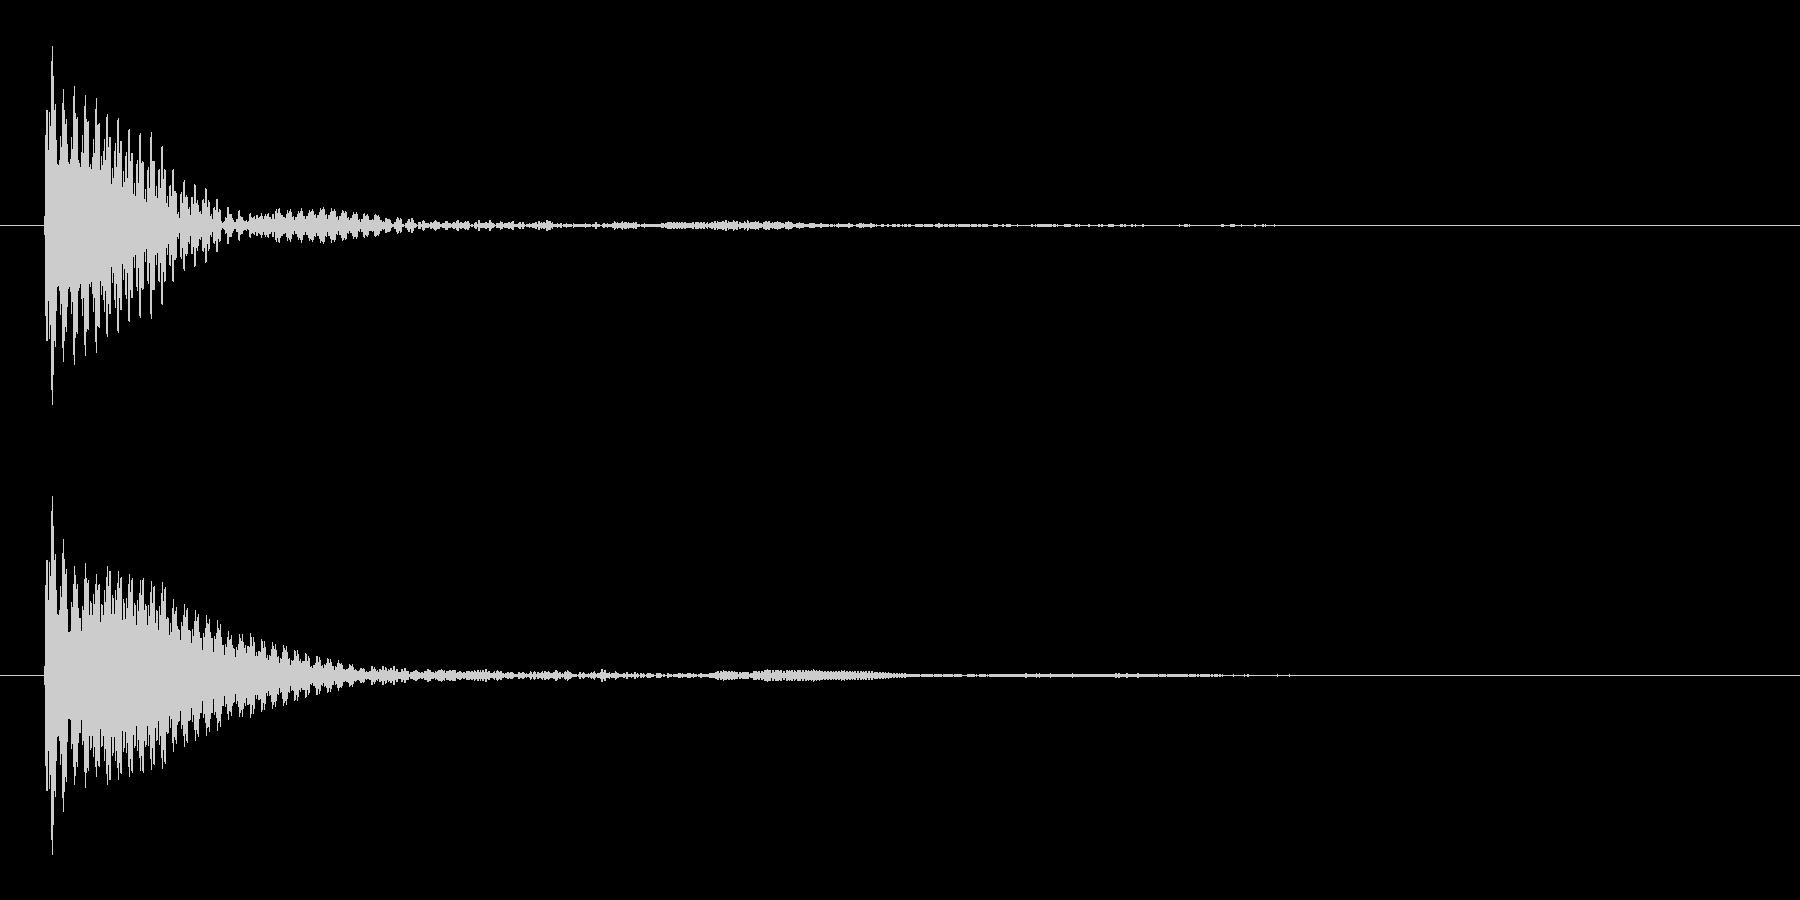 ポン カーソル音 タップ音 C#-02の未再生の波形